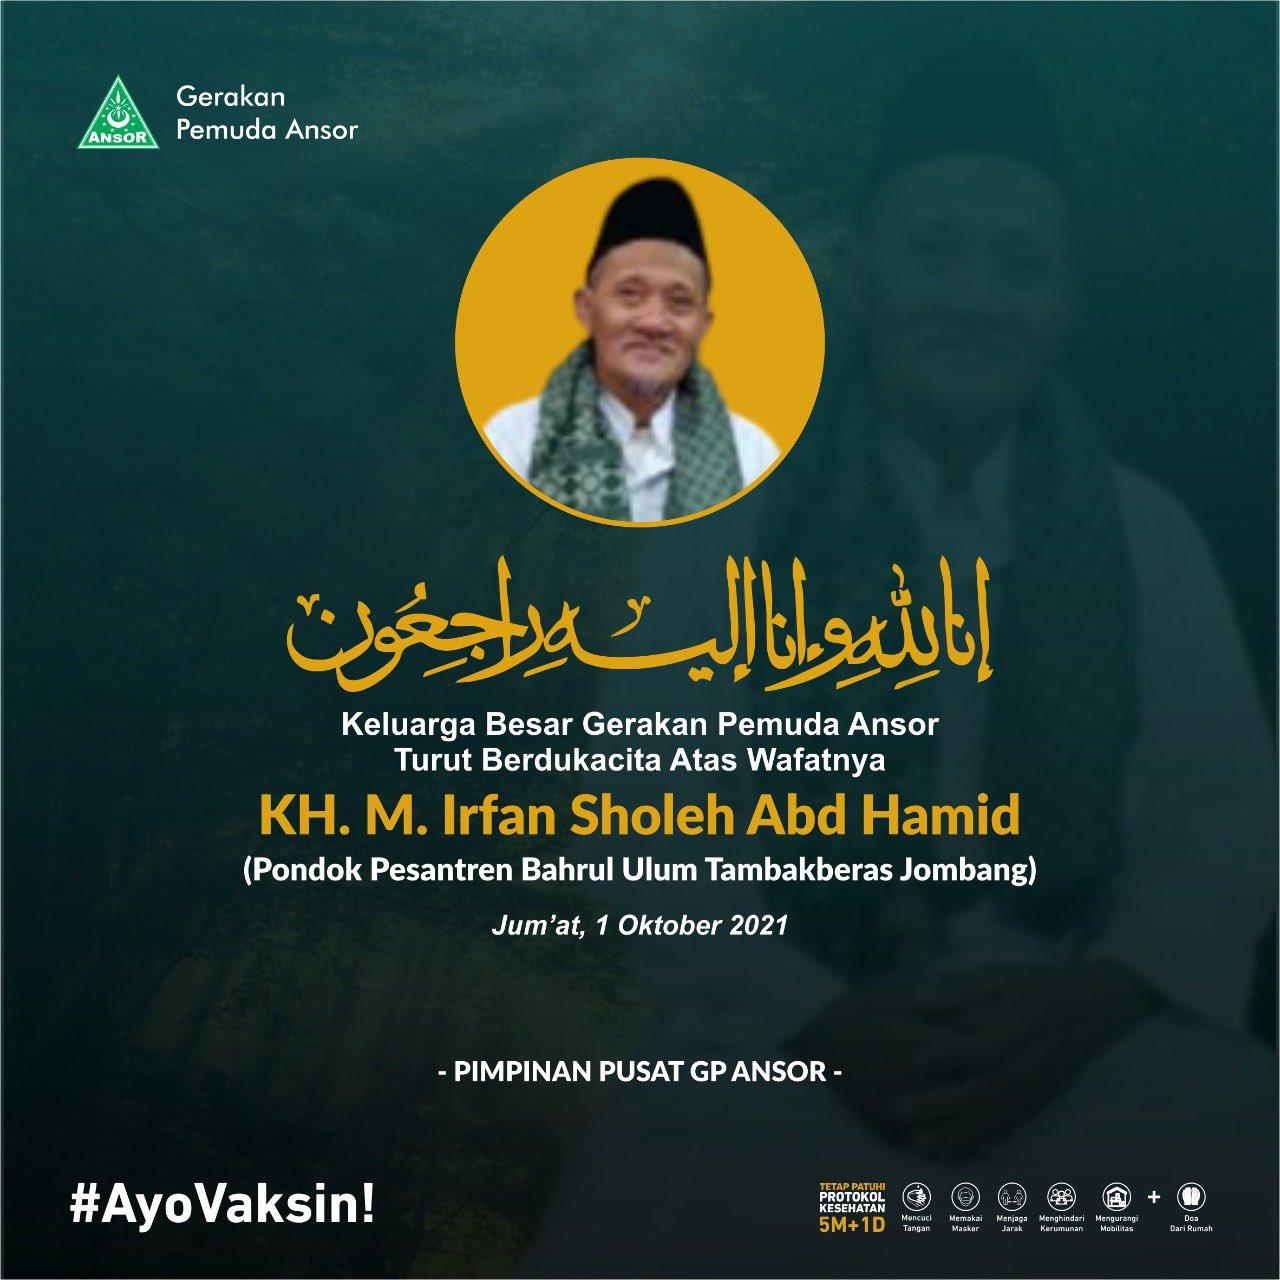 Berita Duka, KH. M. Irfan Sholeh Abd Hamid